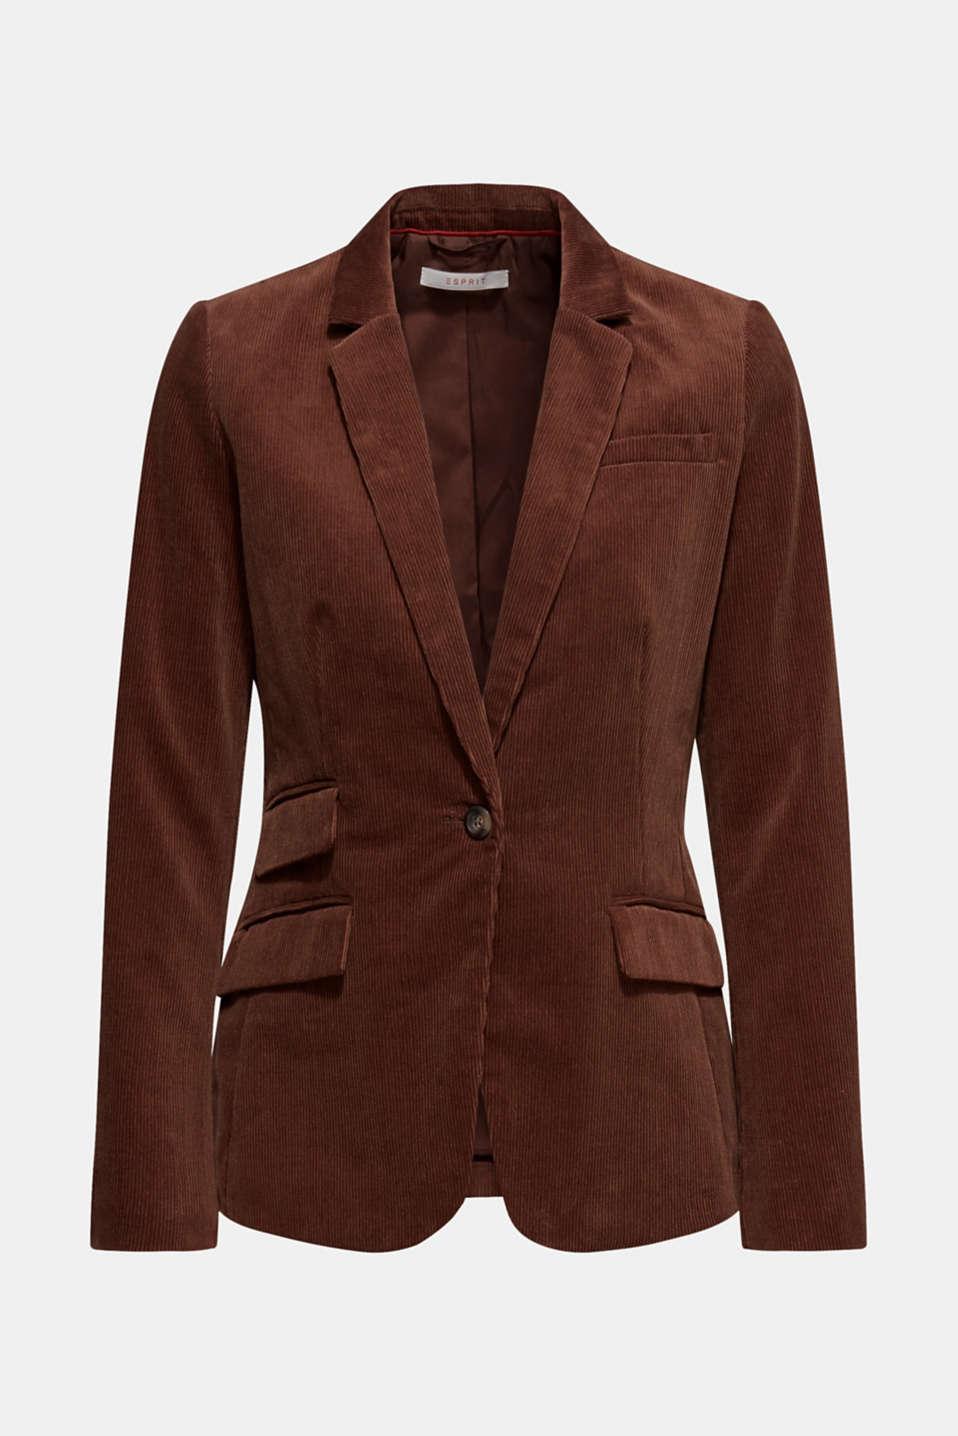 CORD mix + match blazer, DARK BROWN, detail image number 6